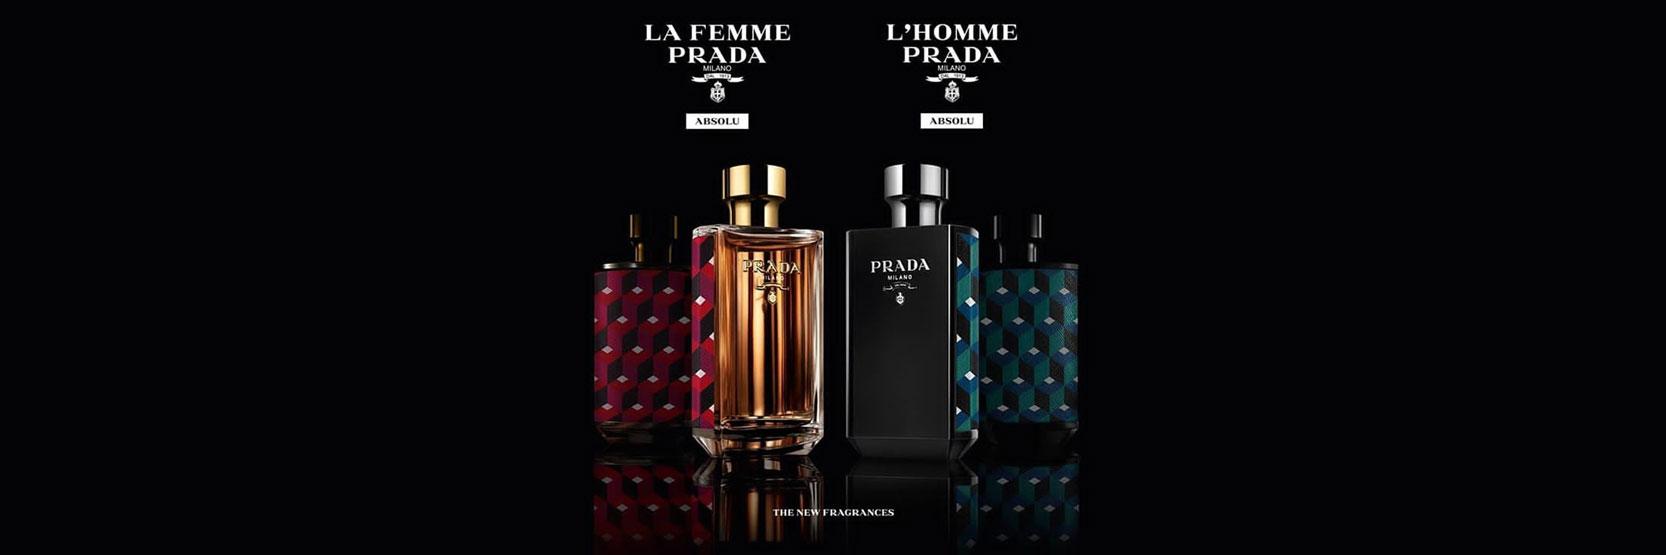 """إطلاق عطري """"L'Homme Prada Absolu """" و"""" La Femme Prada Absolu """""""